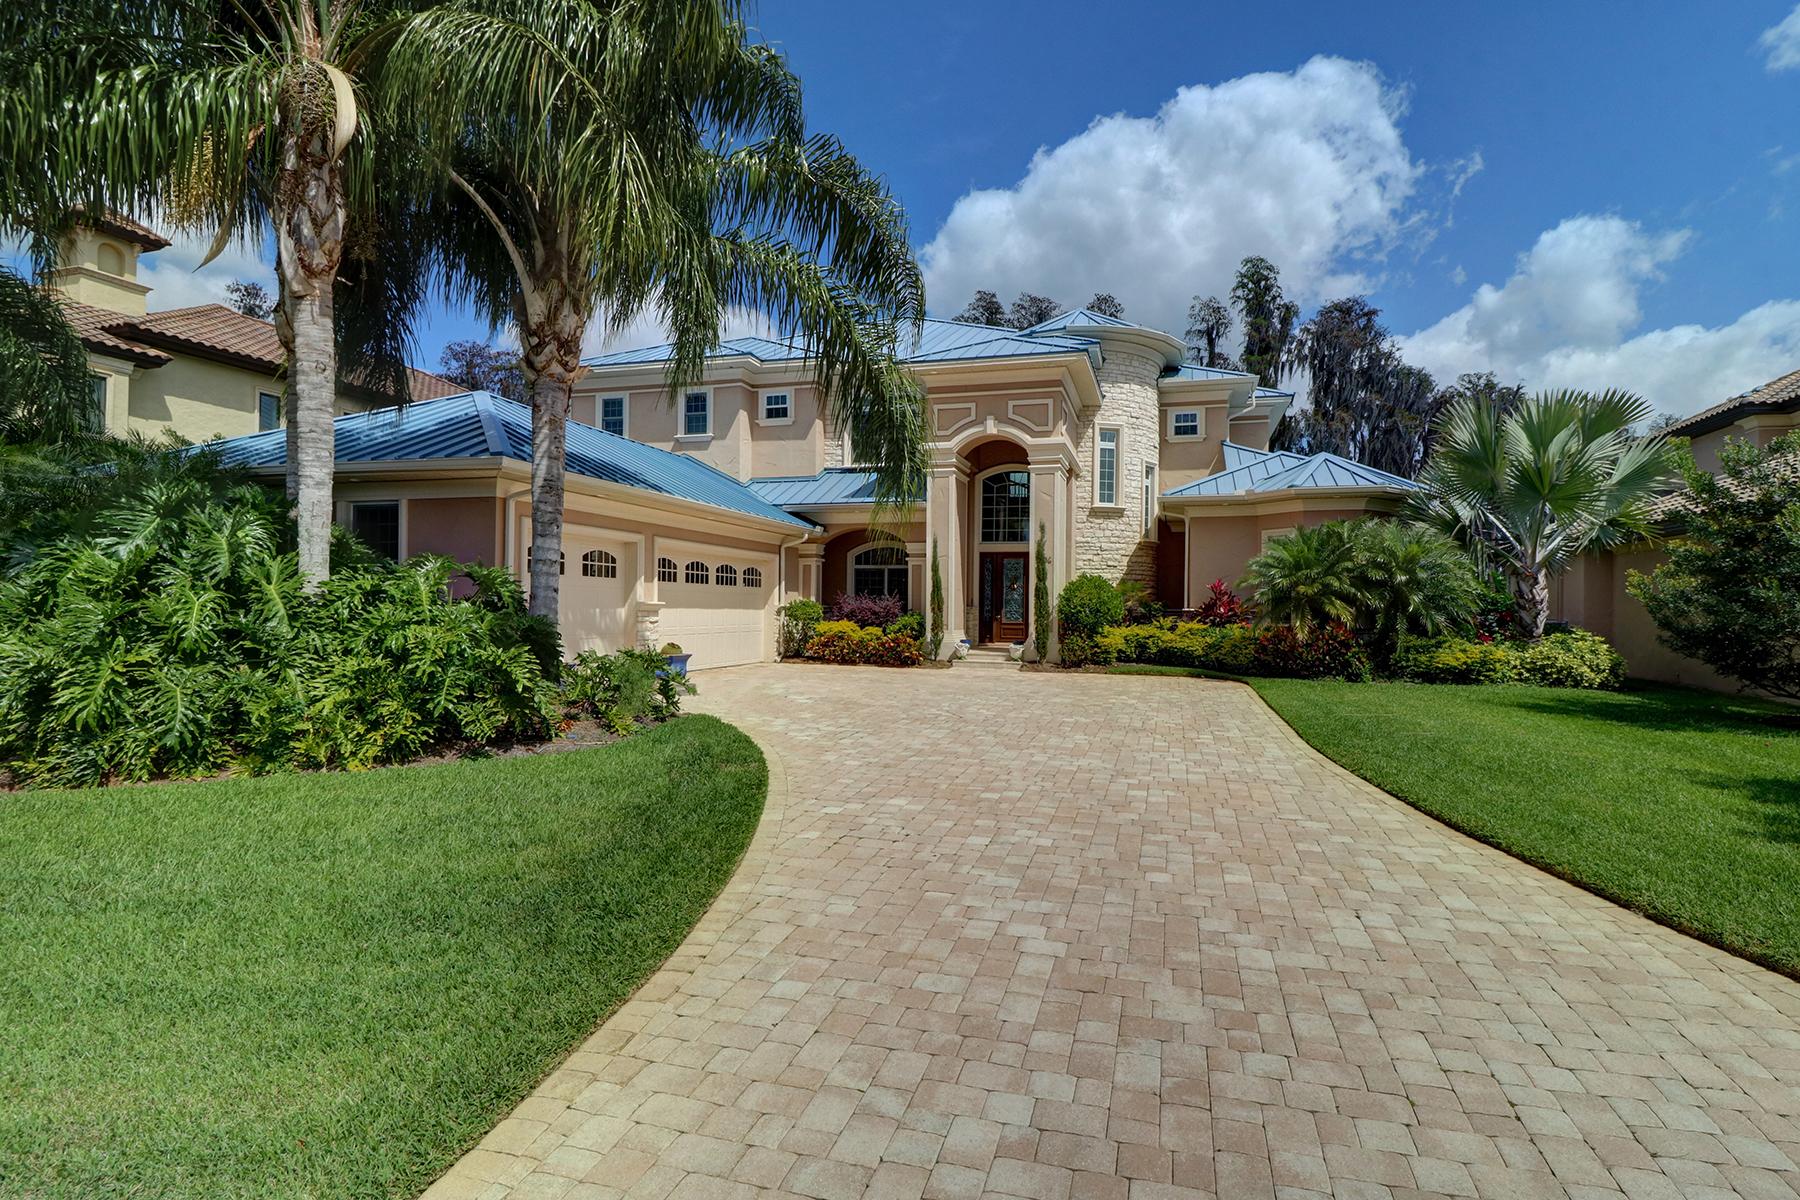 Maison unifamiliale pour l Vente à LAND O' LAKES 5506 Beamin Dew Loop Land O' Lakes, Florida, 34638 États-Unis